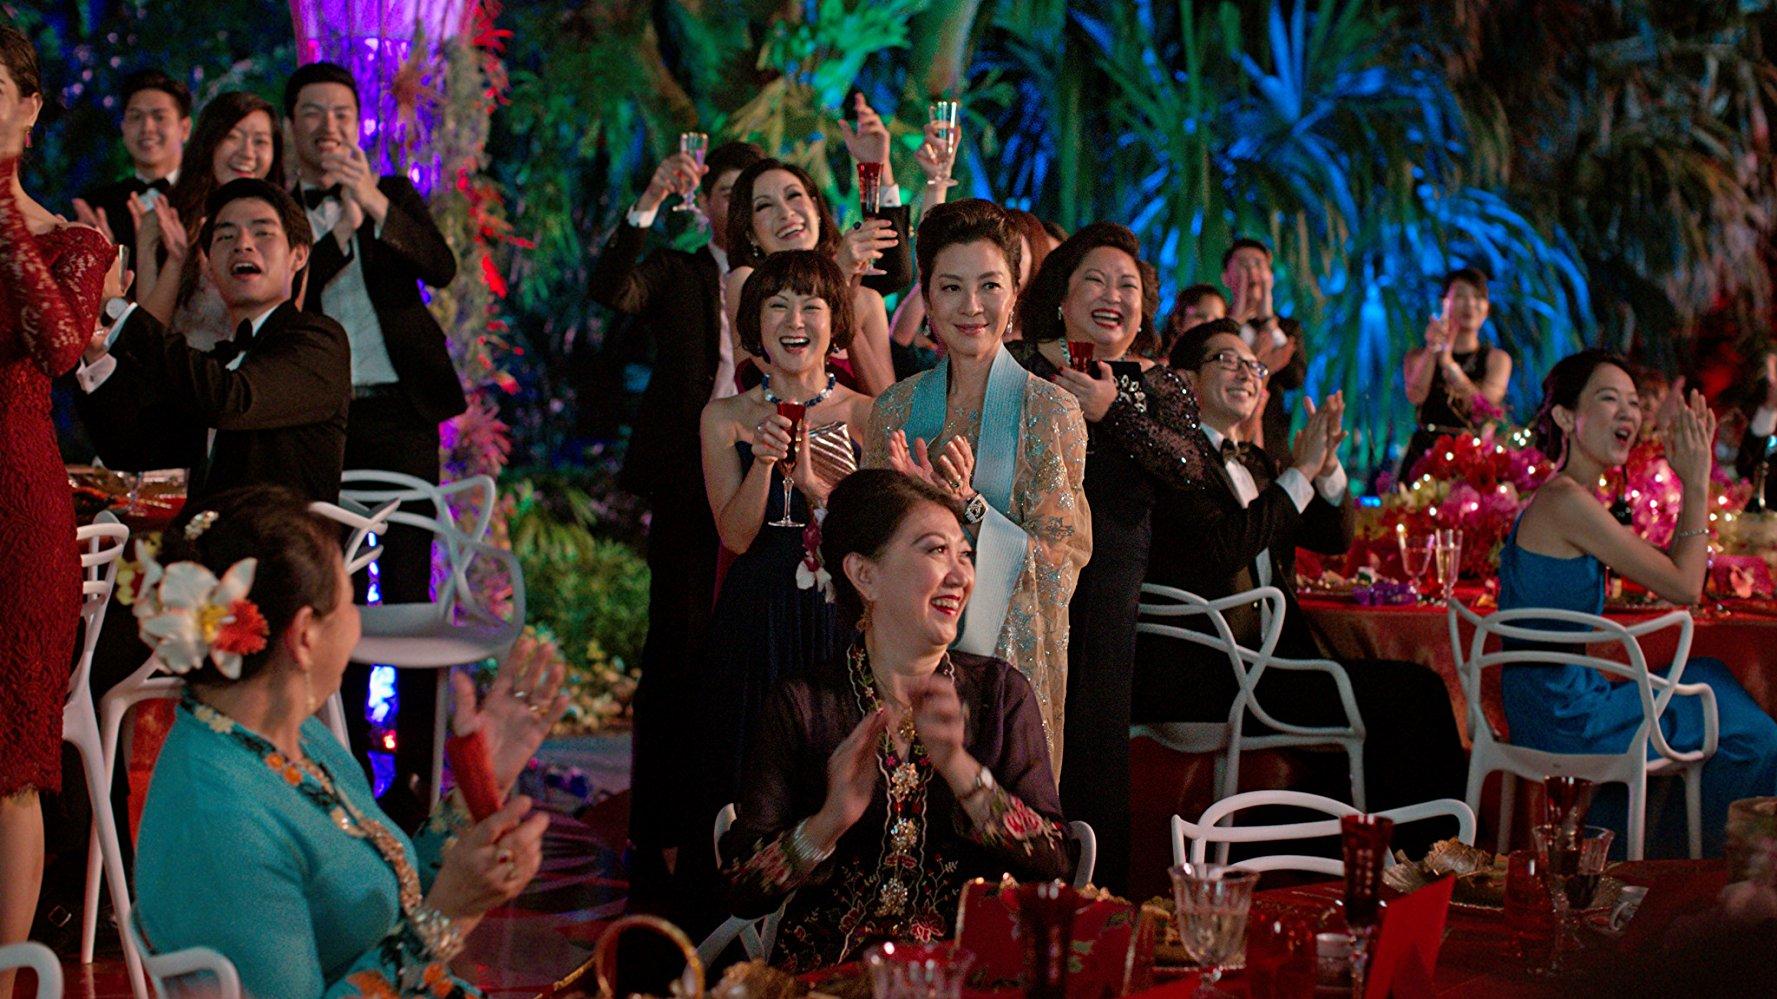 专访《摘金奇缘》主创:这是让亚洲人扬眉吐气的电影